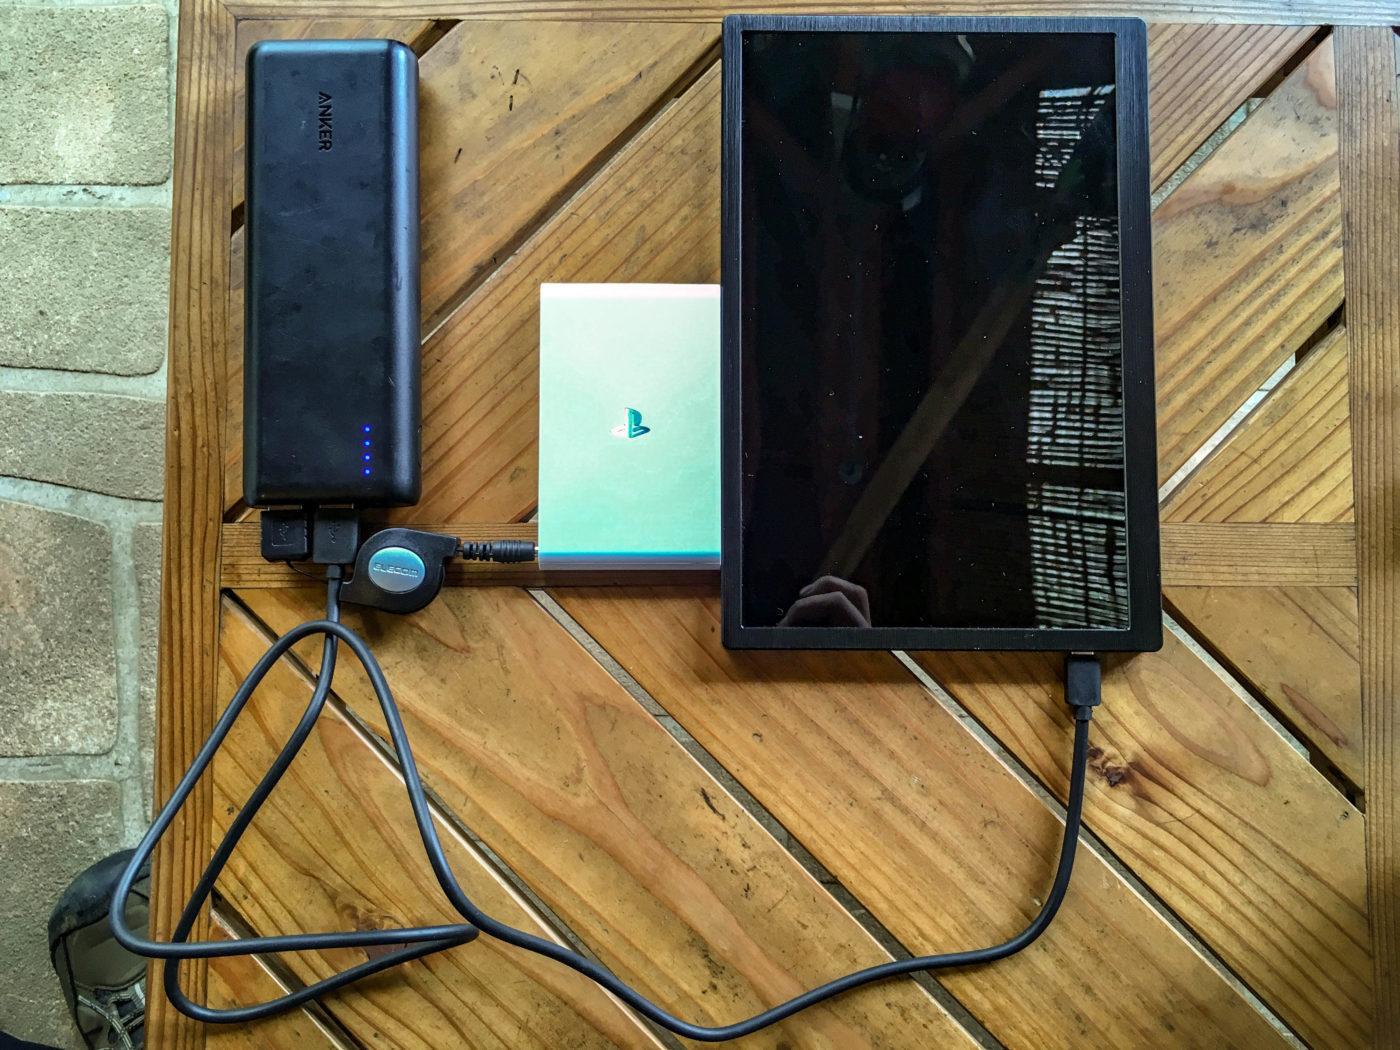 次にモバイルディスプレイとモバイルバッテリーを接続